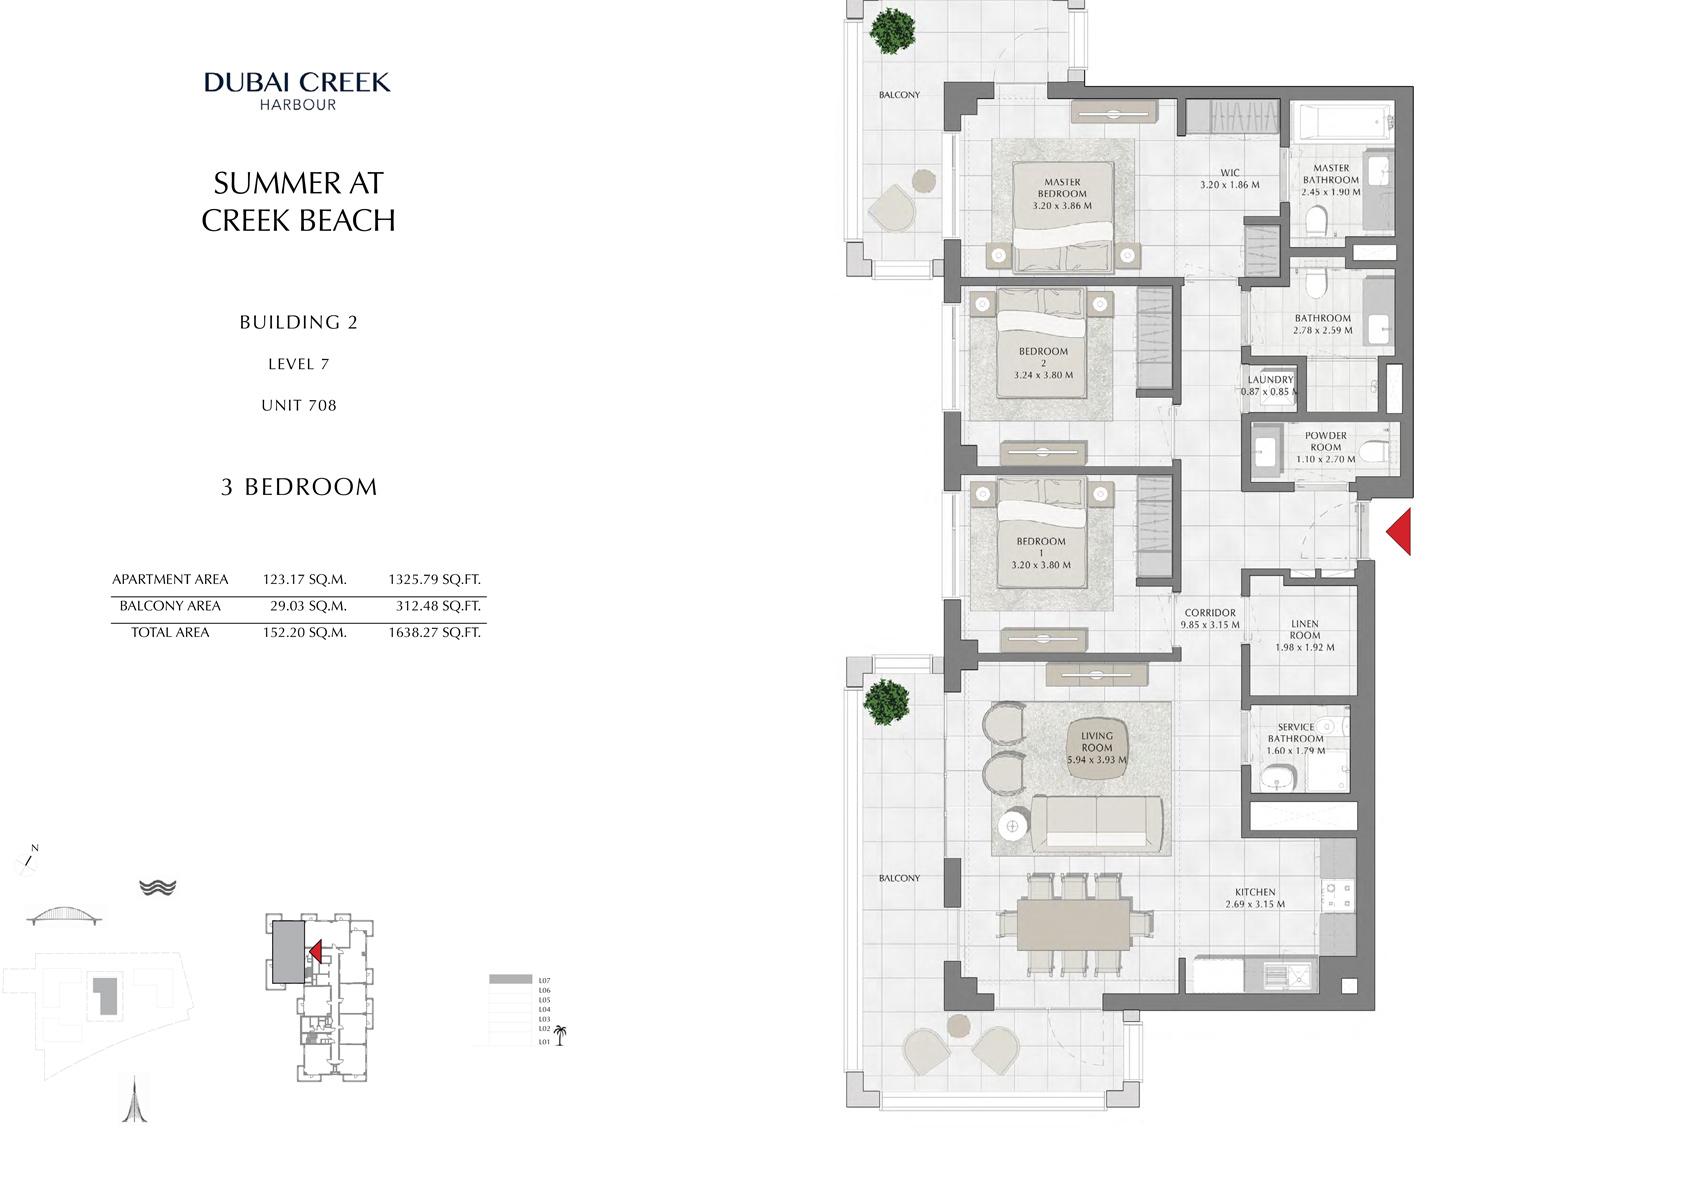 3 Br Building 2 Level 7 Unit 708, Size 1638 Sq Ft